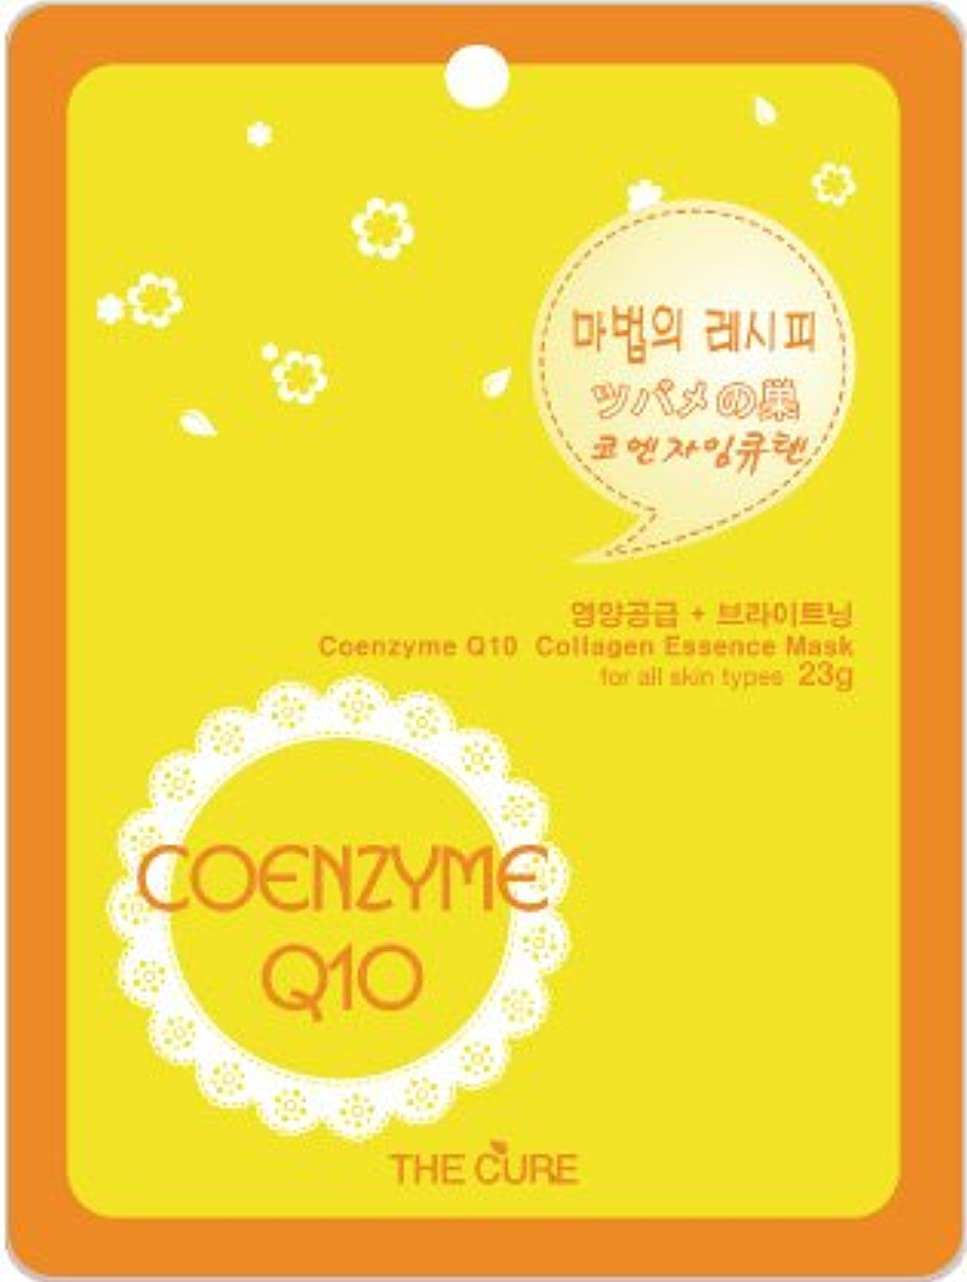 とティーム暖炉カエルコエンザイムQ10 コラーゲン エッセンス マスク THE CURE シート パック 10枚セット 韓国 コスメ 乾燥肌 オイリー肌 混合肌